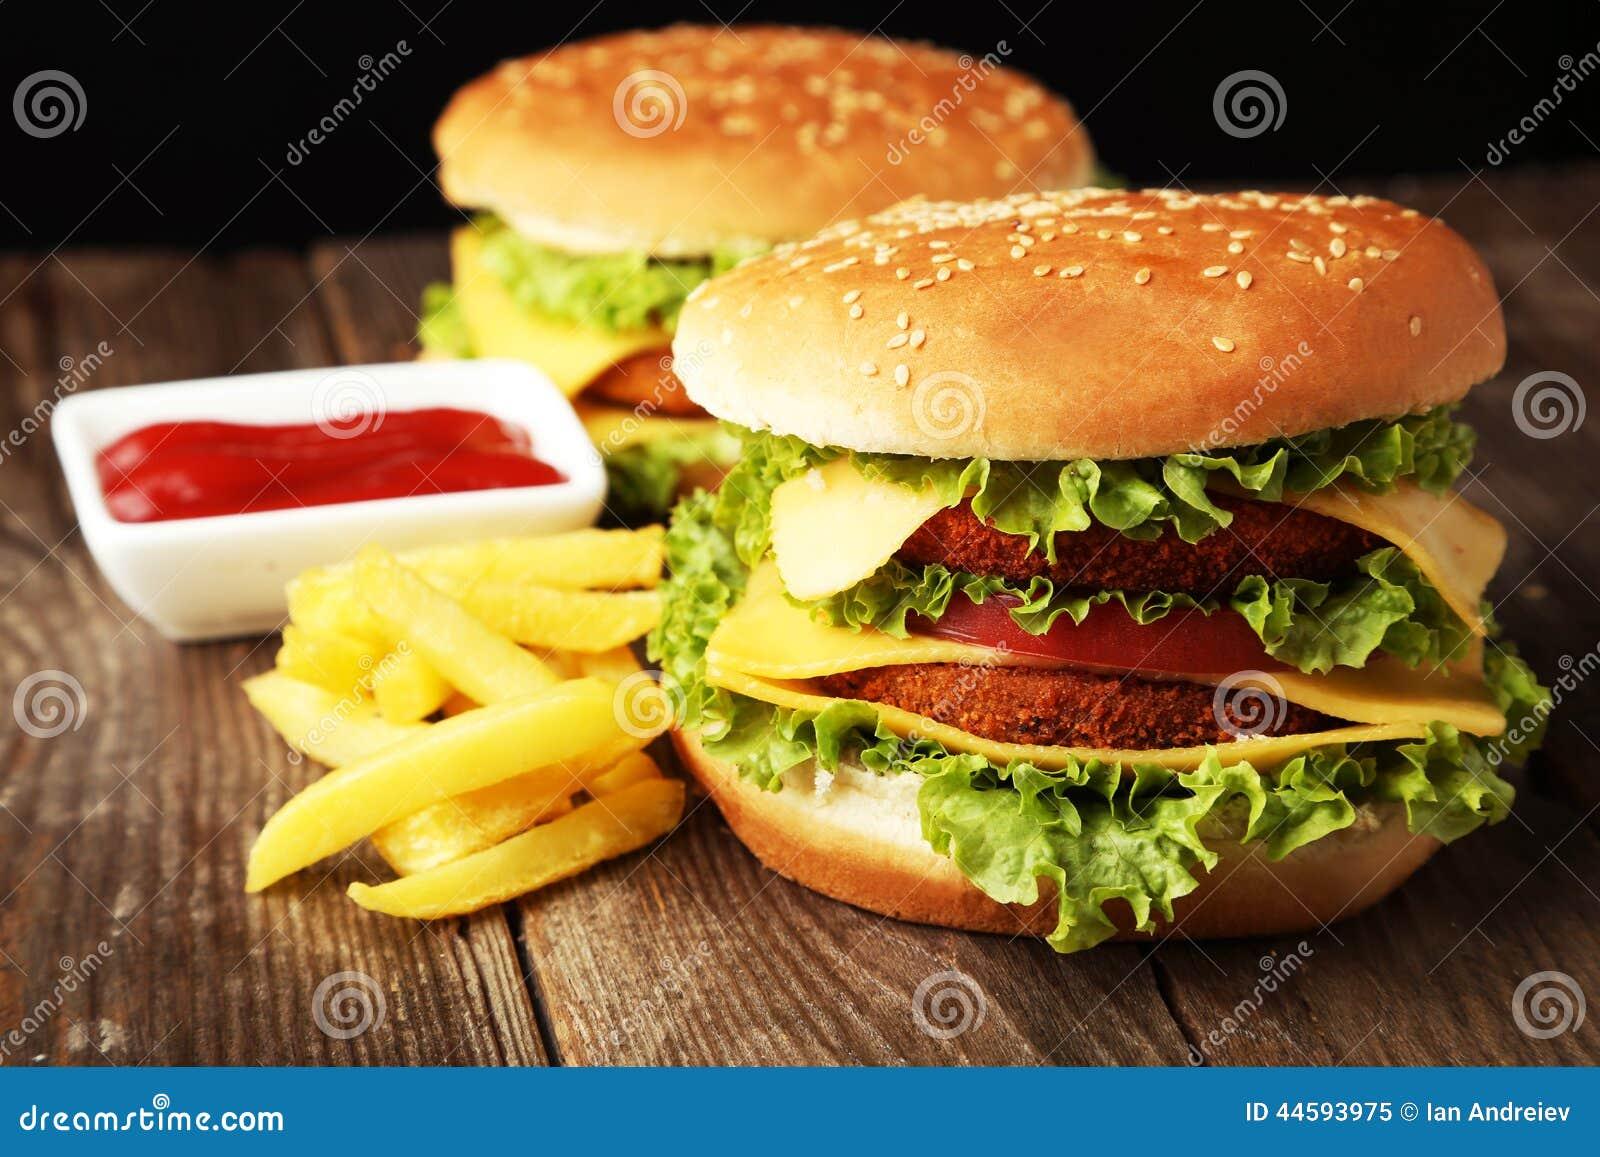 Best Chicken Salad Sandwich Fast Food